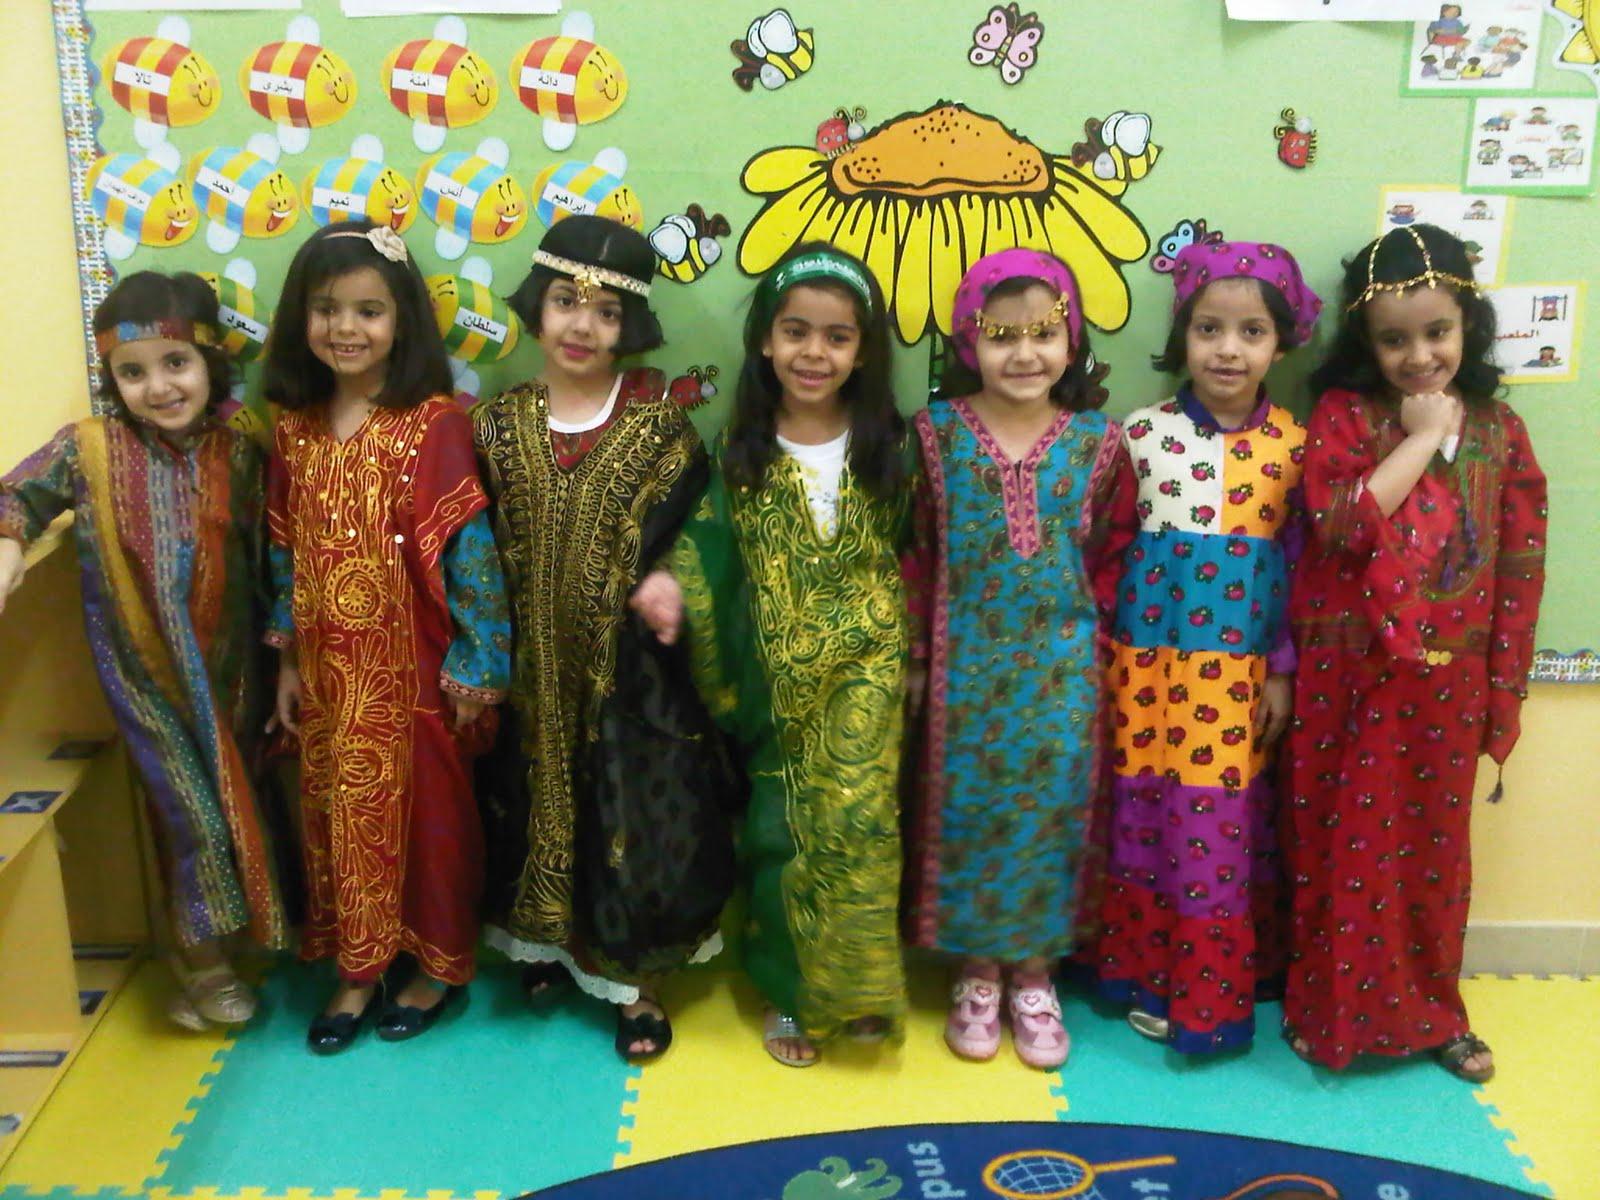 دانة العليان Pinterest: تمهيدي (5) مدارس الحضارة الأهلية: مهرجان الجنادرية